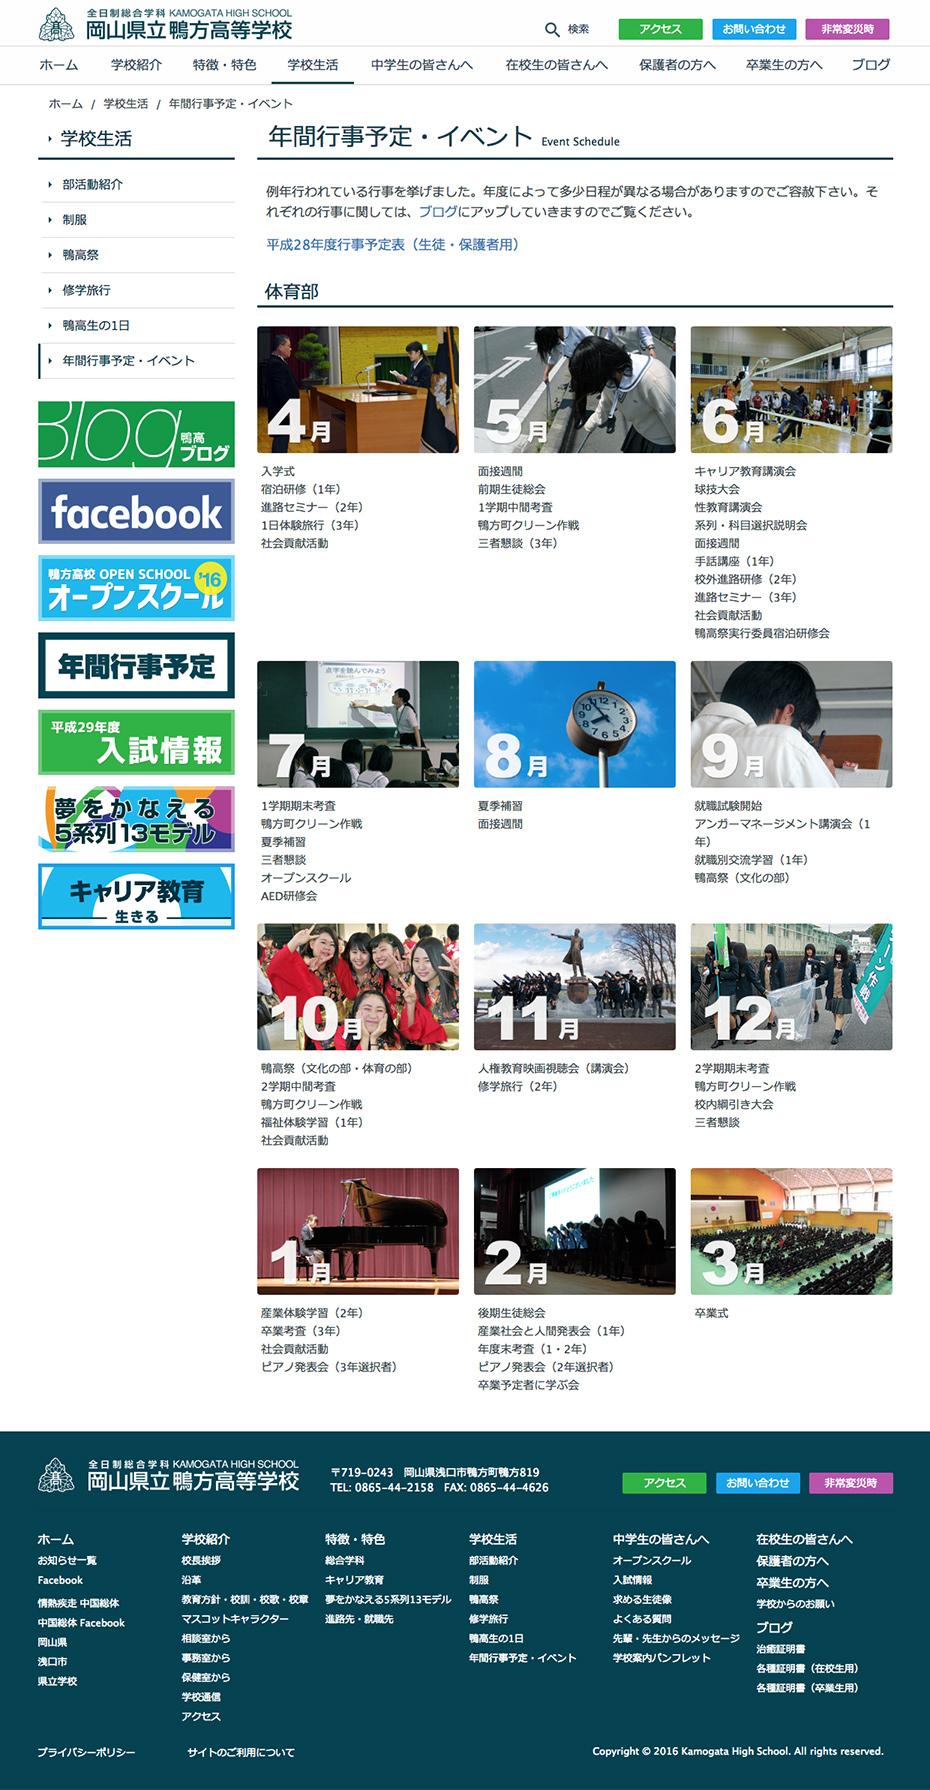 岡山県立鴨方高等学校様 ホームページ 年間行事・イベント